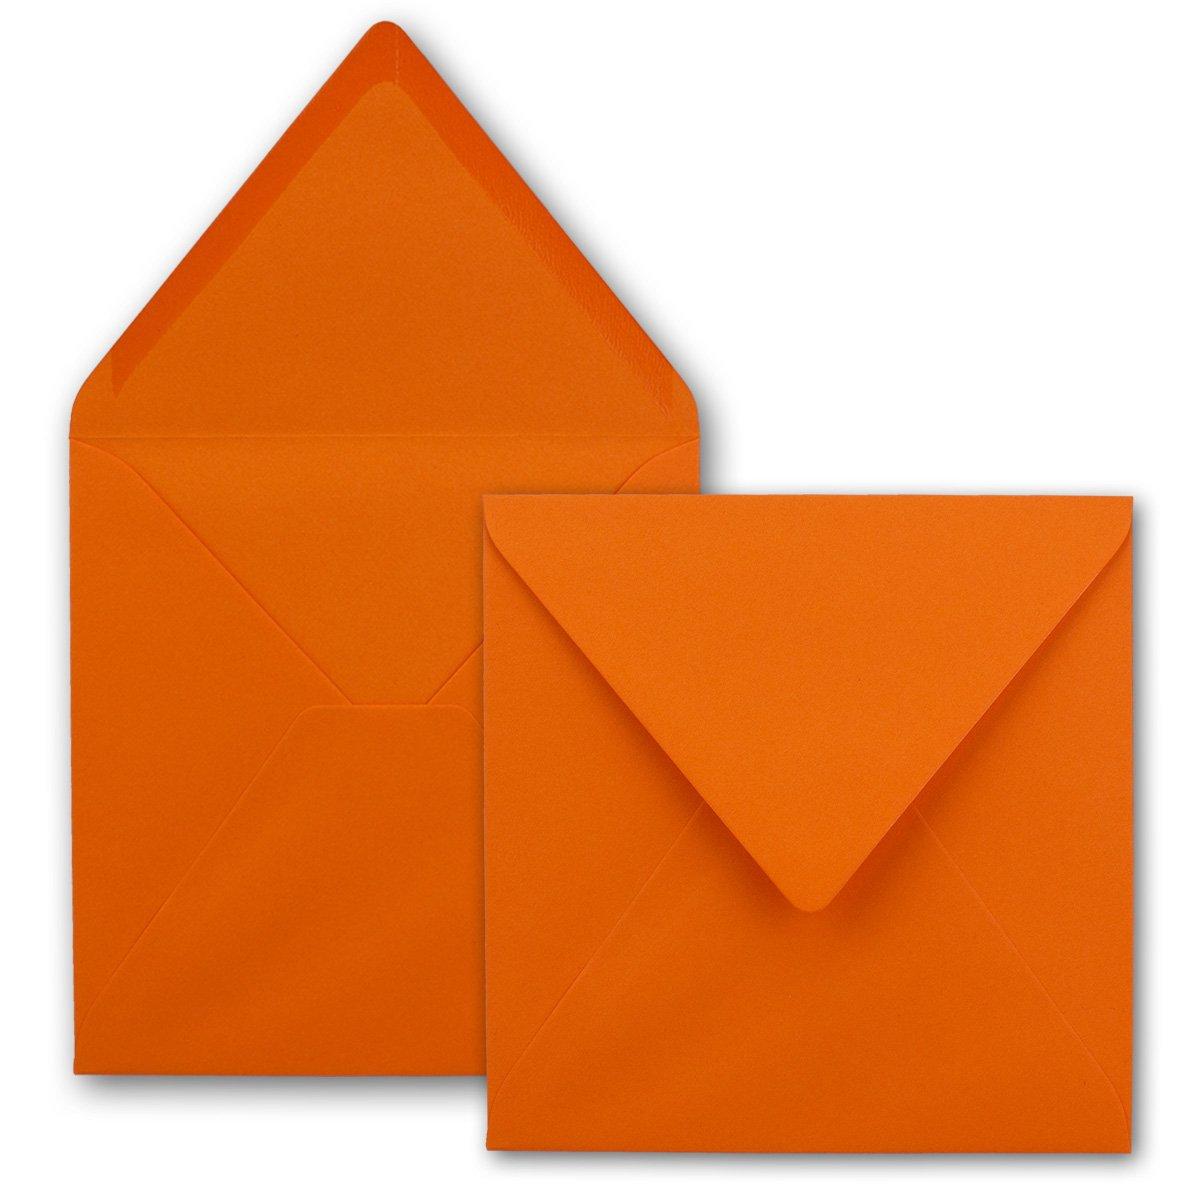 Quadratische Brief-Umschläge - Farbe Hochweiss     150 Stück   155 x 155 mm   Nassklebung   Für Einladungen & Hochzeit    Serie FarbenFroh® B07D2GN4M9 | Kostengünstig  e7ff48